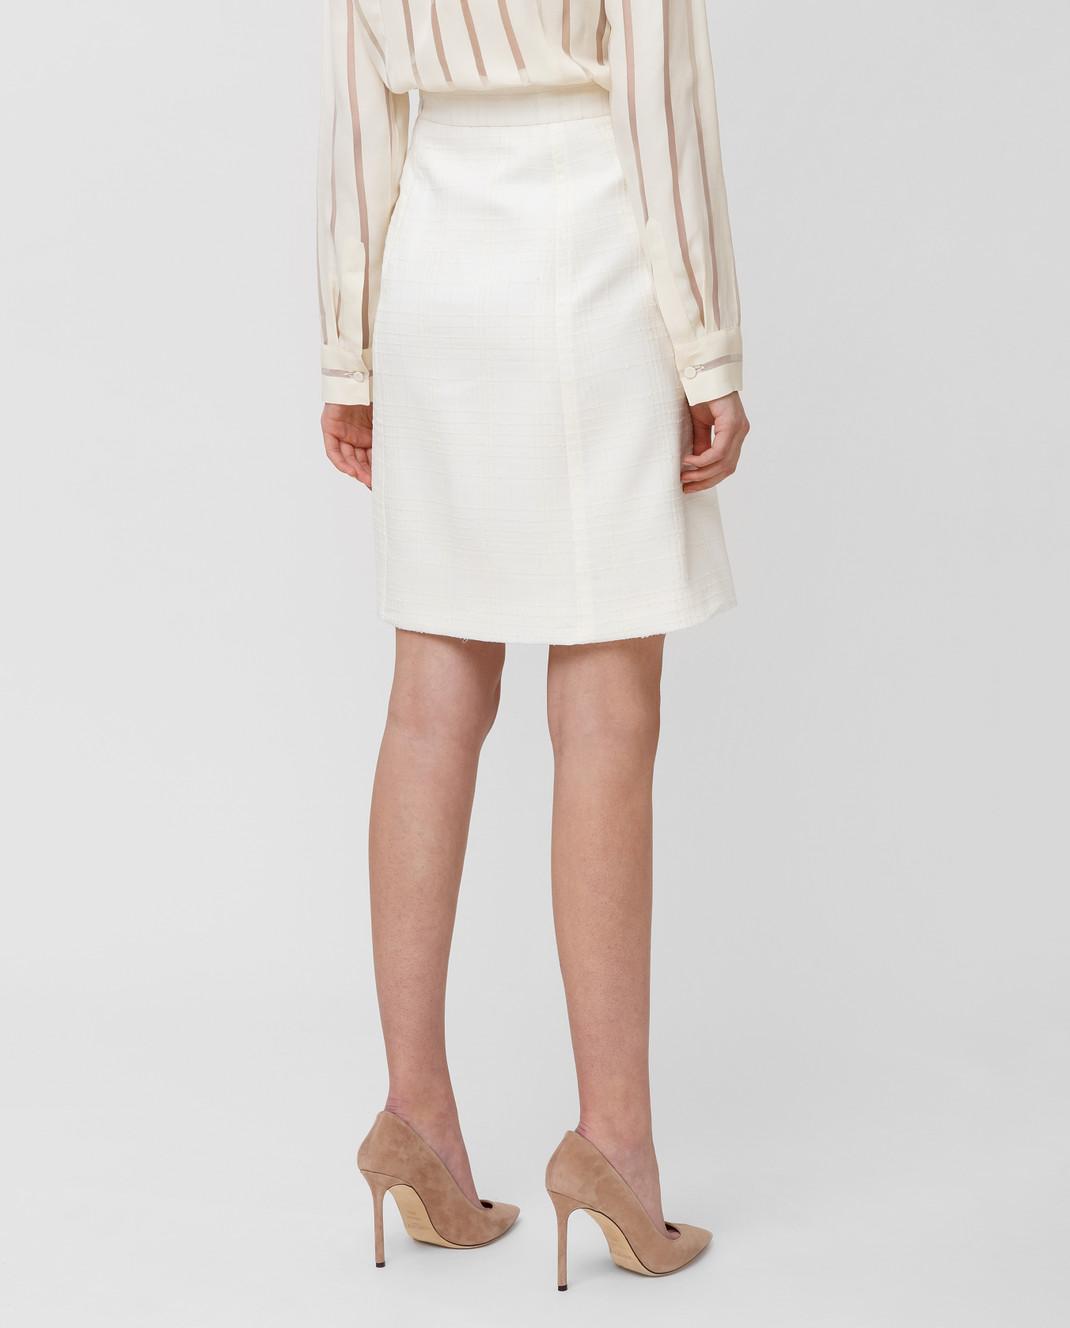 Bottega Veneta Белая юбка 544961 изображение 4